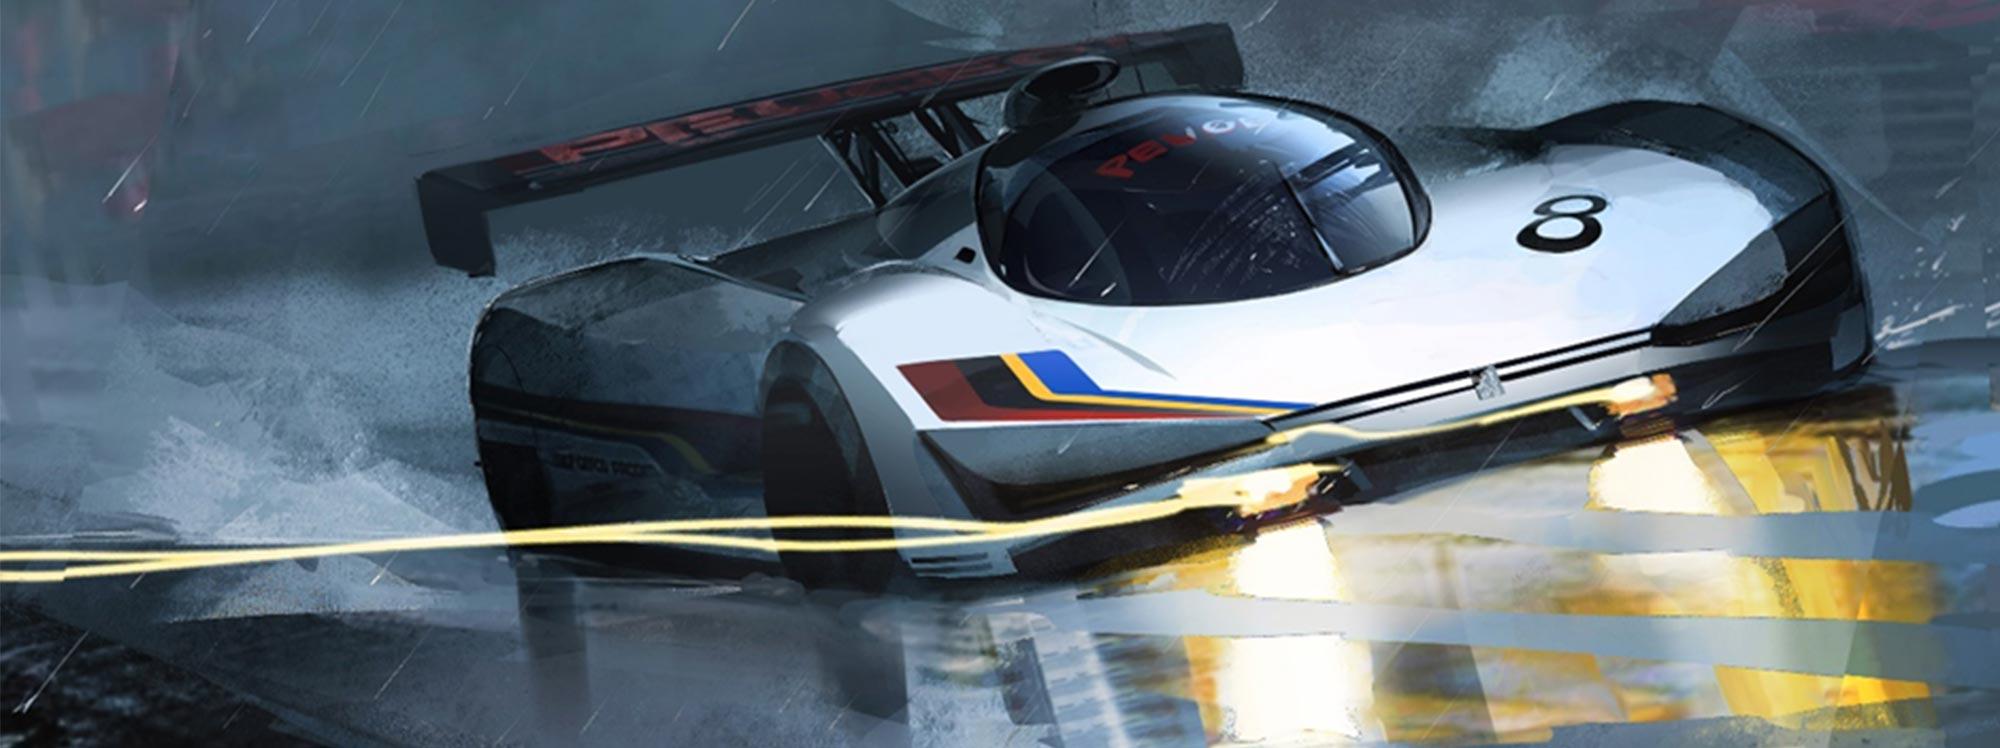 El recorrido de velocidad Peugeot